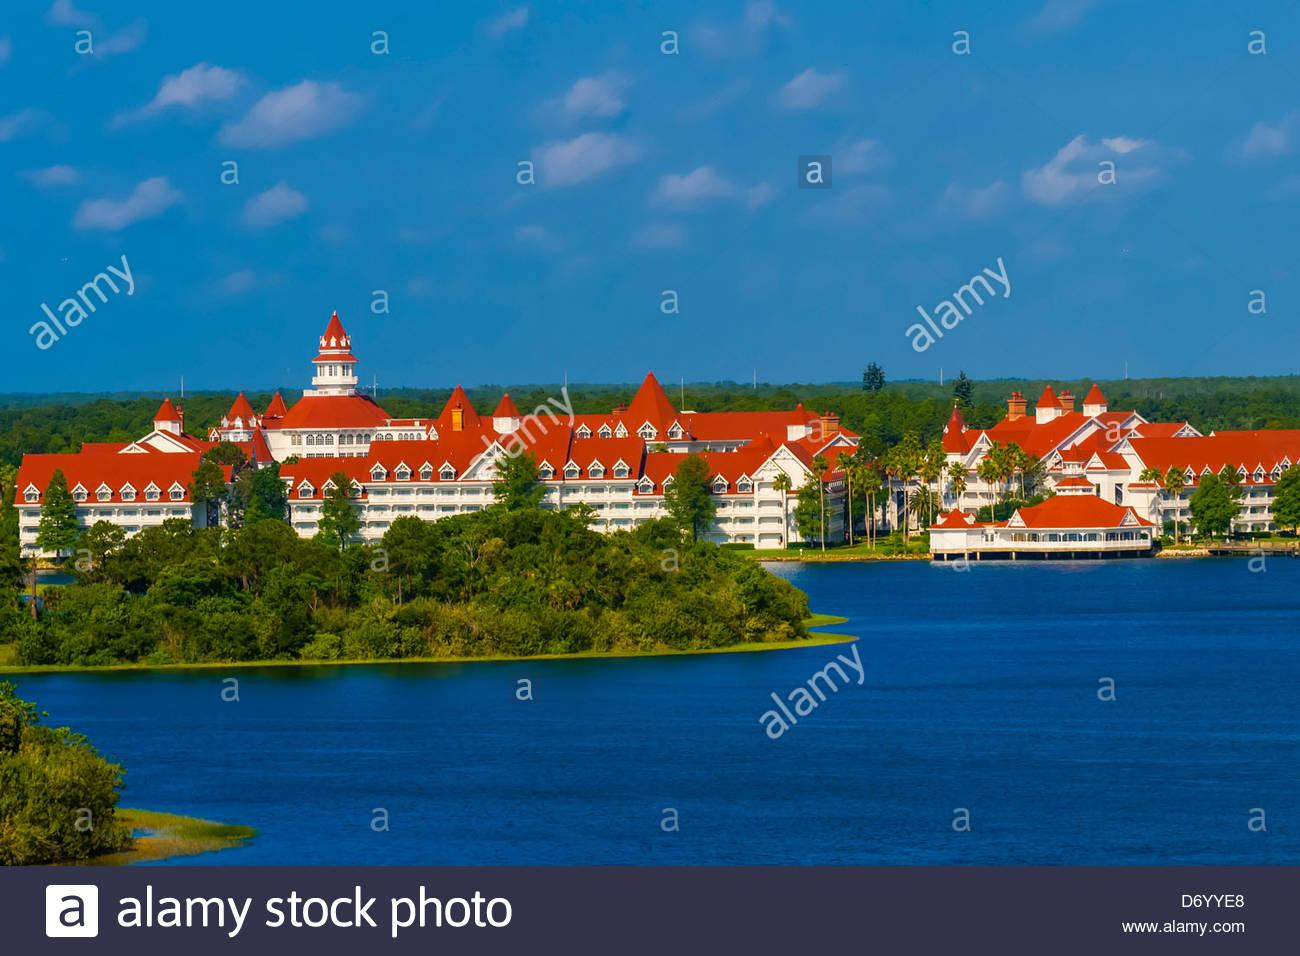 Walt Disney World Orlando Water Park Hotel